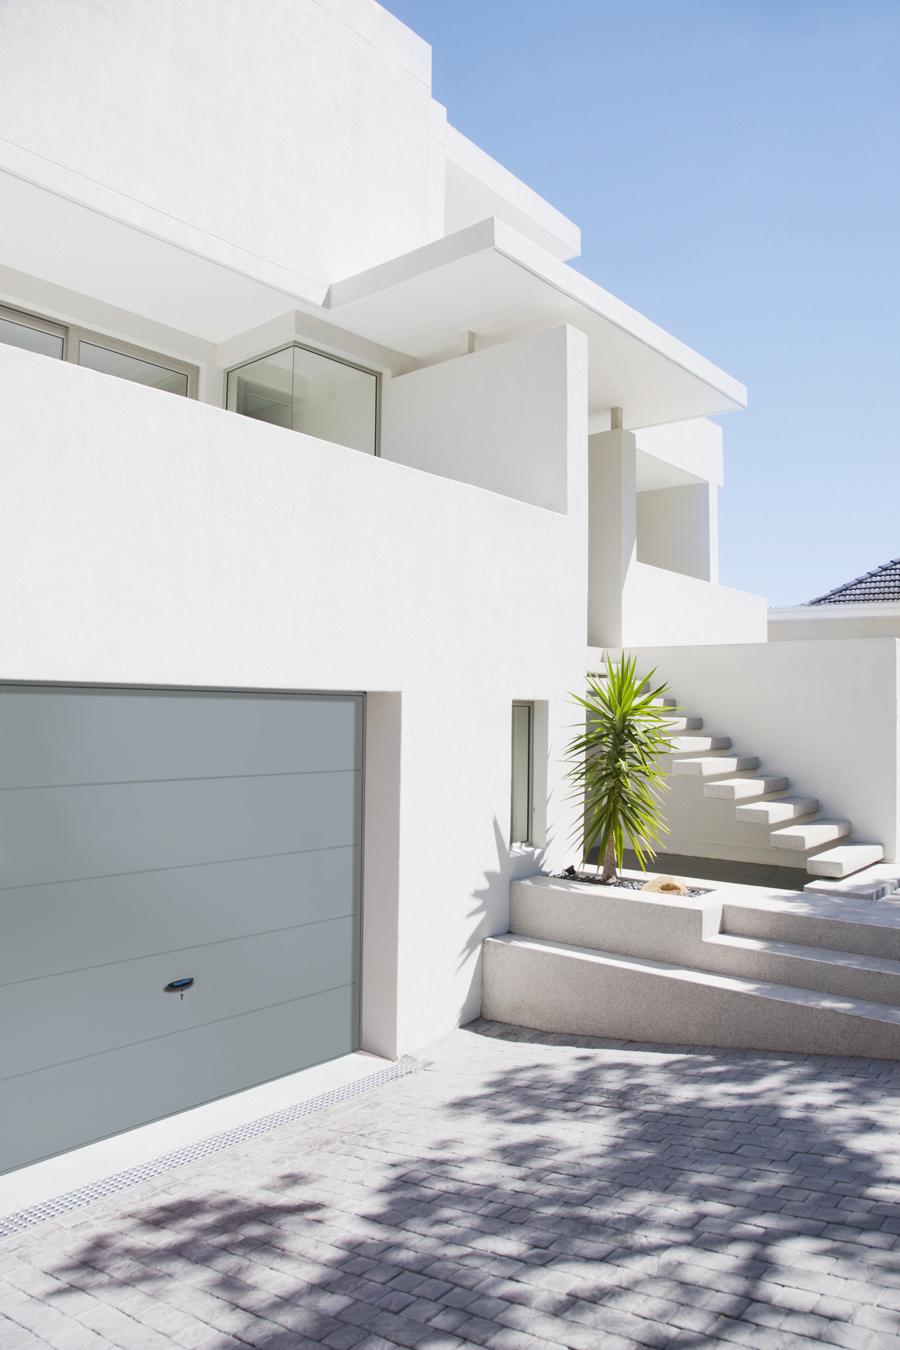 La porte de garage basculante horizontale à joint creux de Novoferm s'intègre parfaitement à l'architecture contemporaine